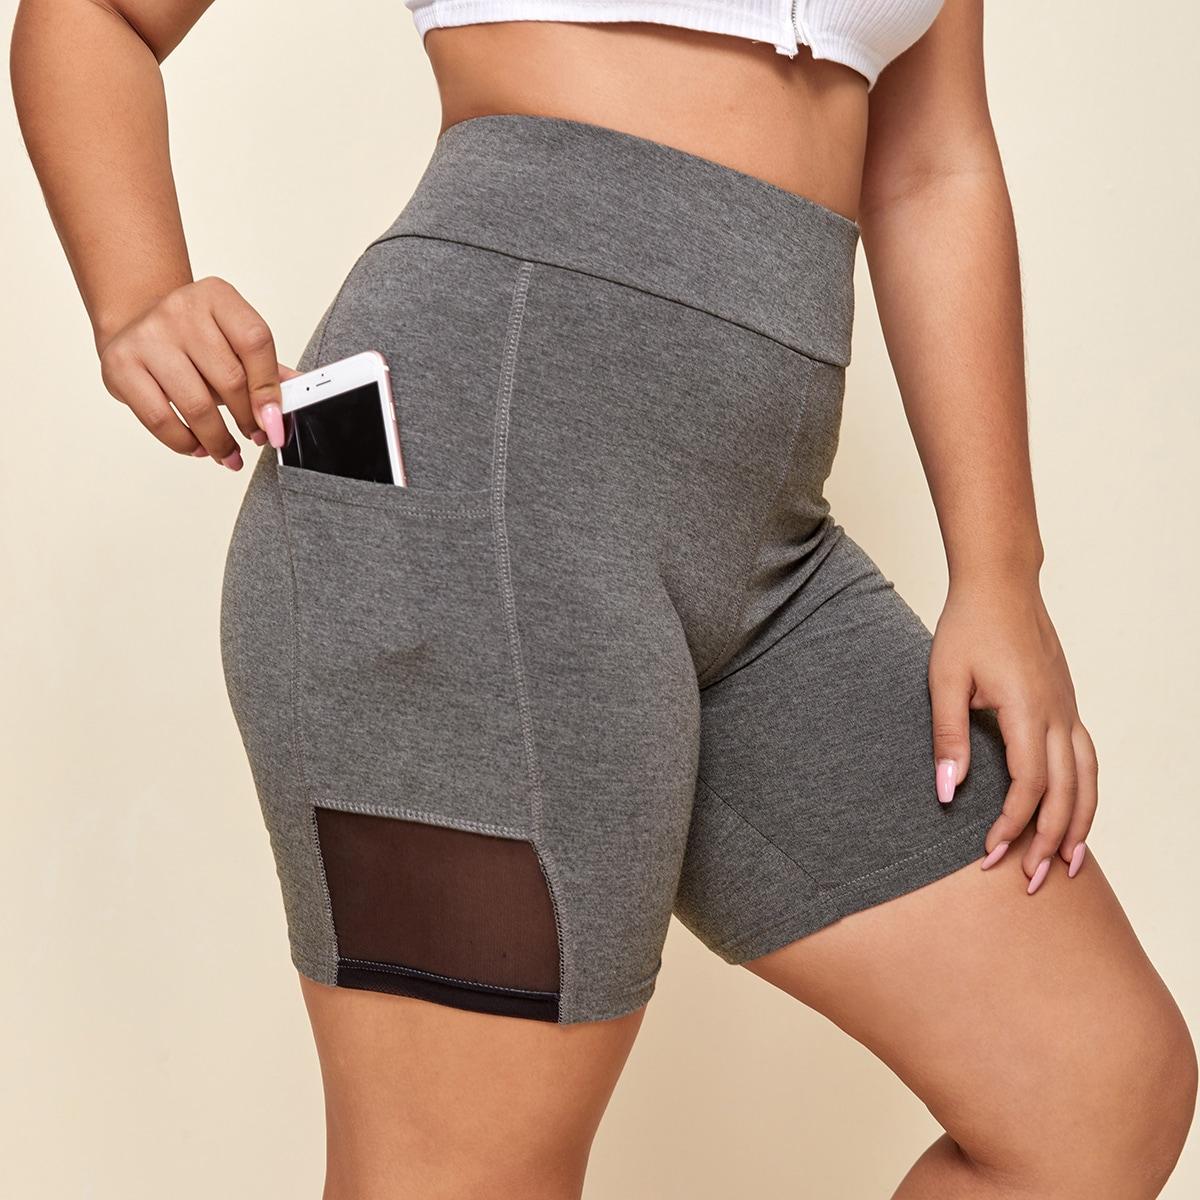 Байкерские шорты размера плюс с карманом и сетчатой вставкой фото